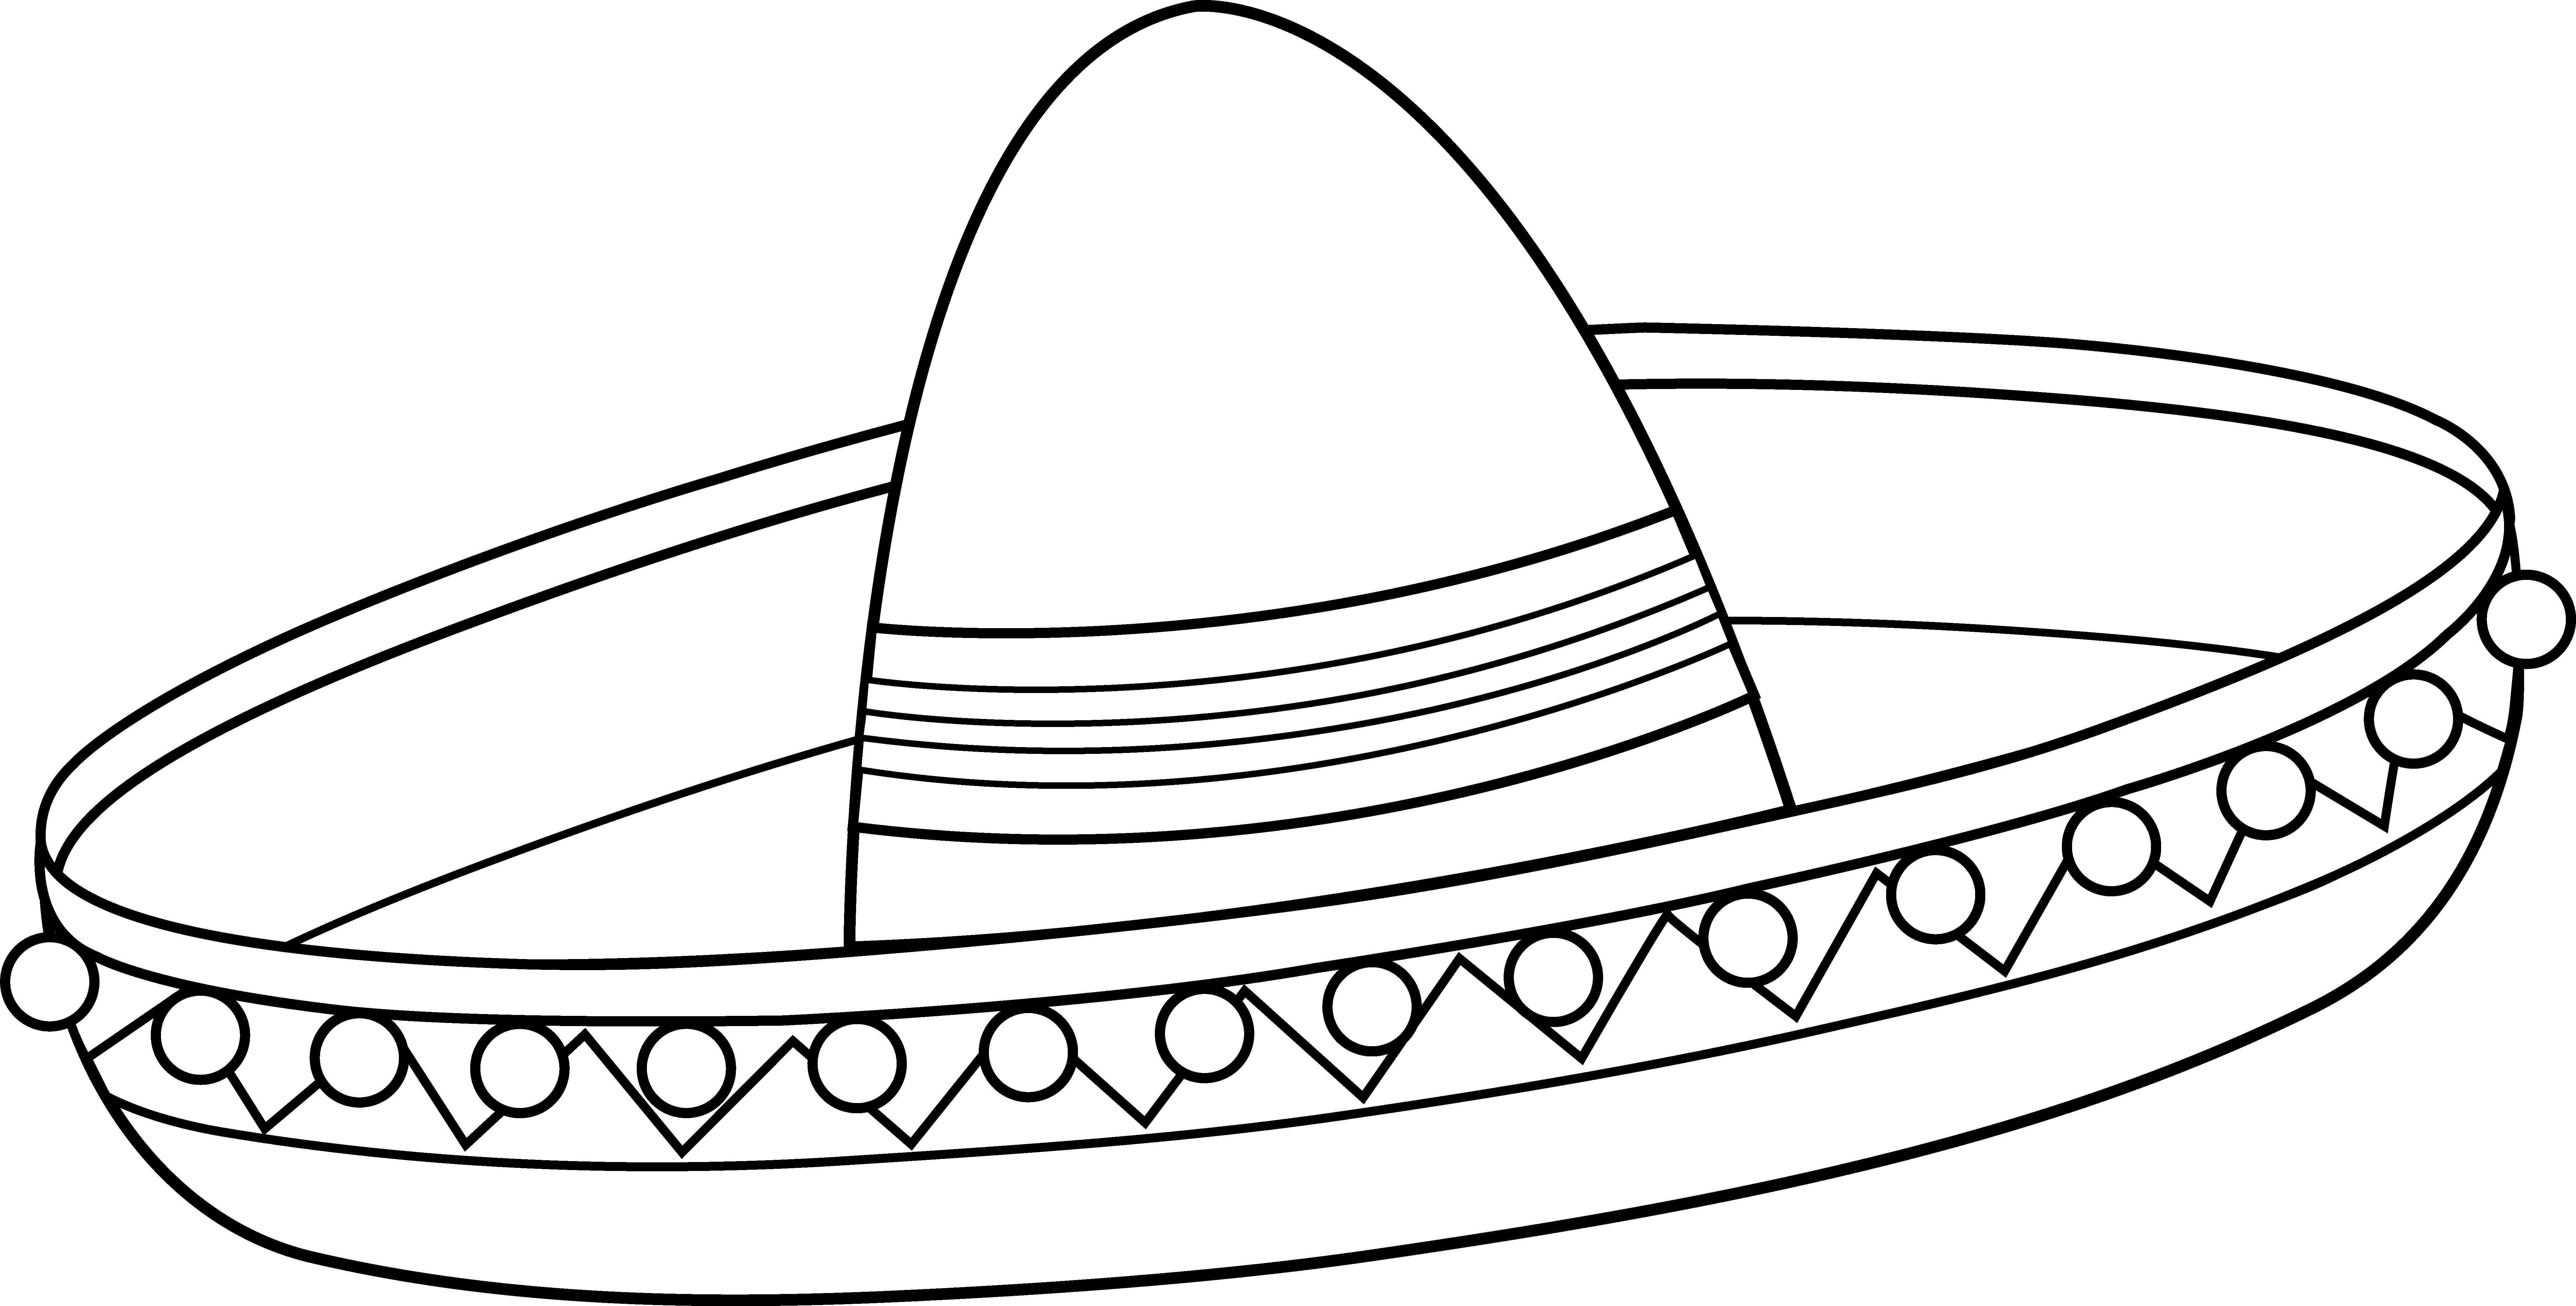 Cinco de mayo mexican flag coloring page - Mexican Sombrero Coloring Page